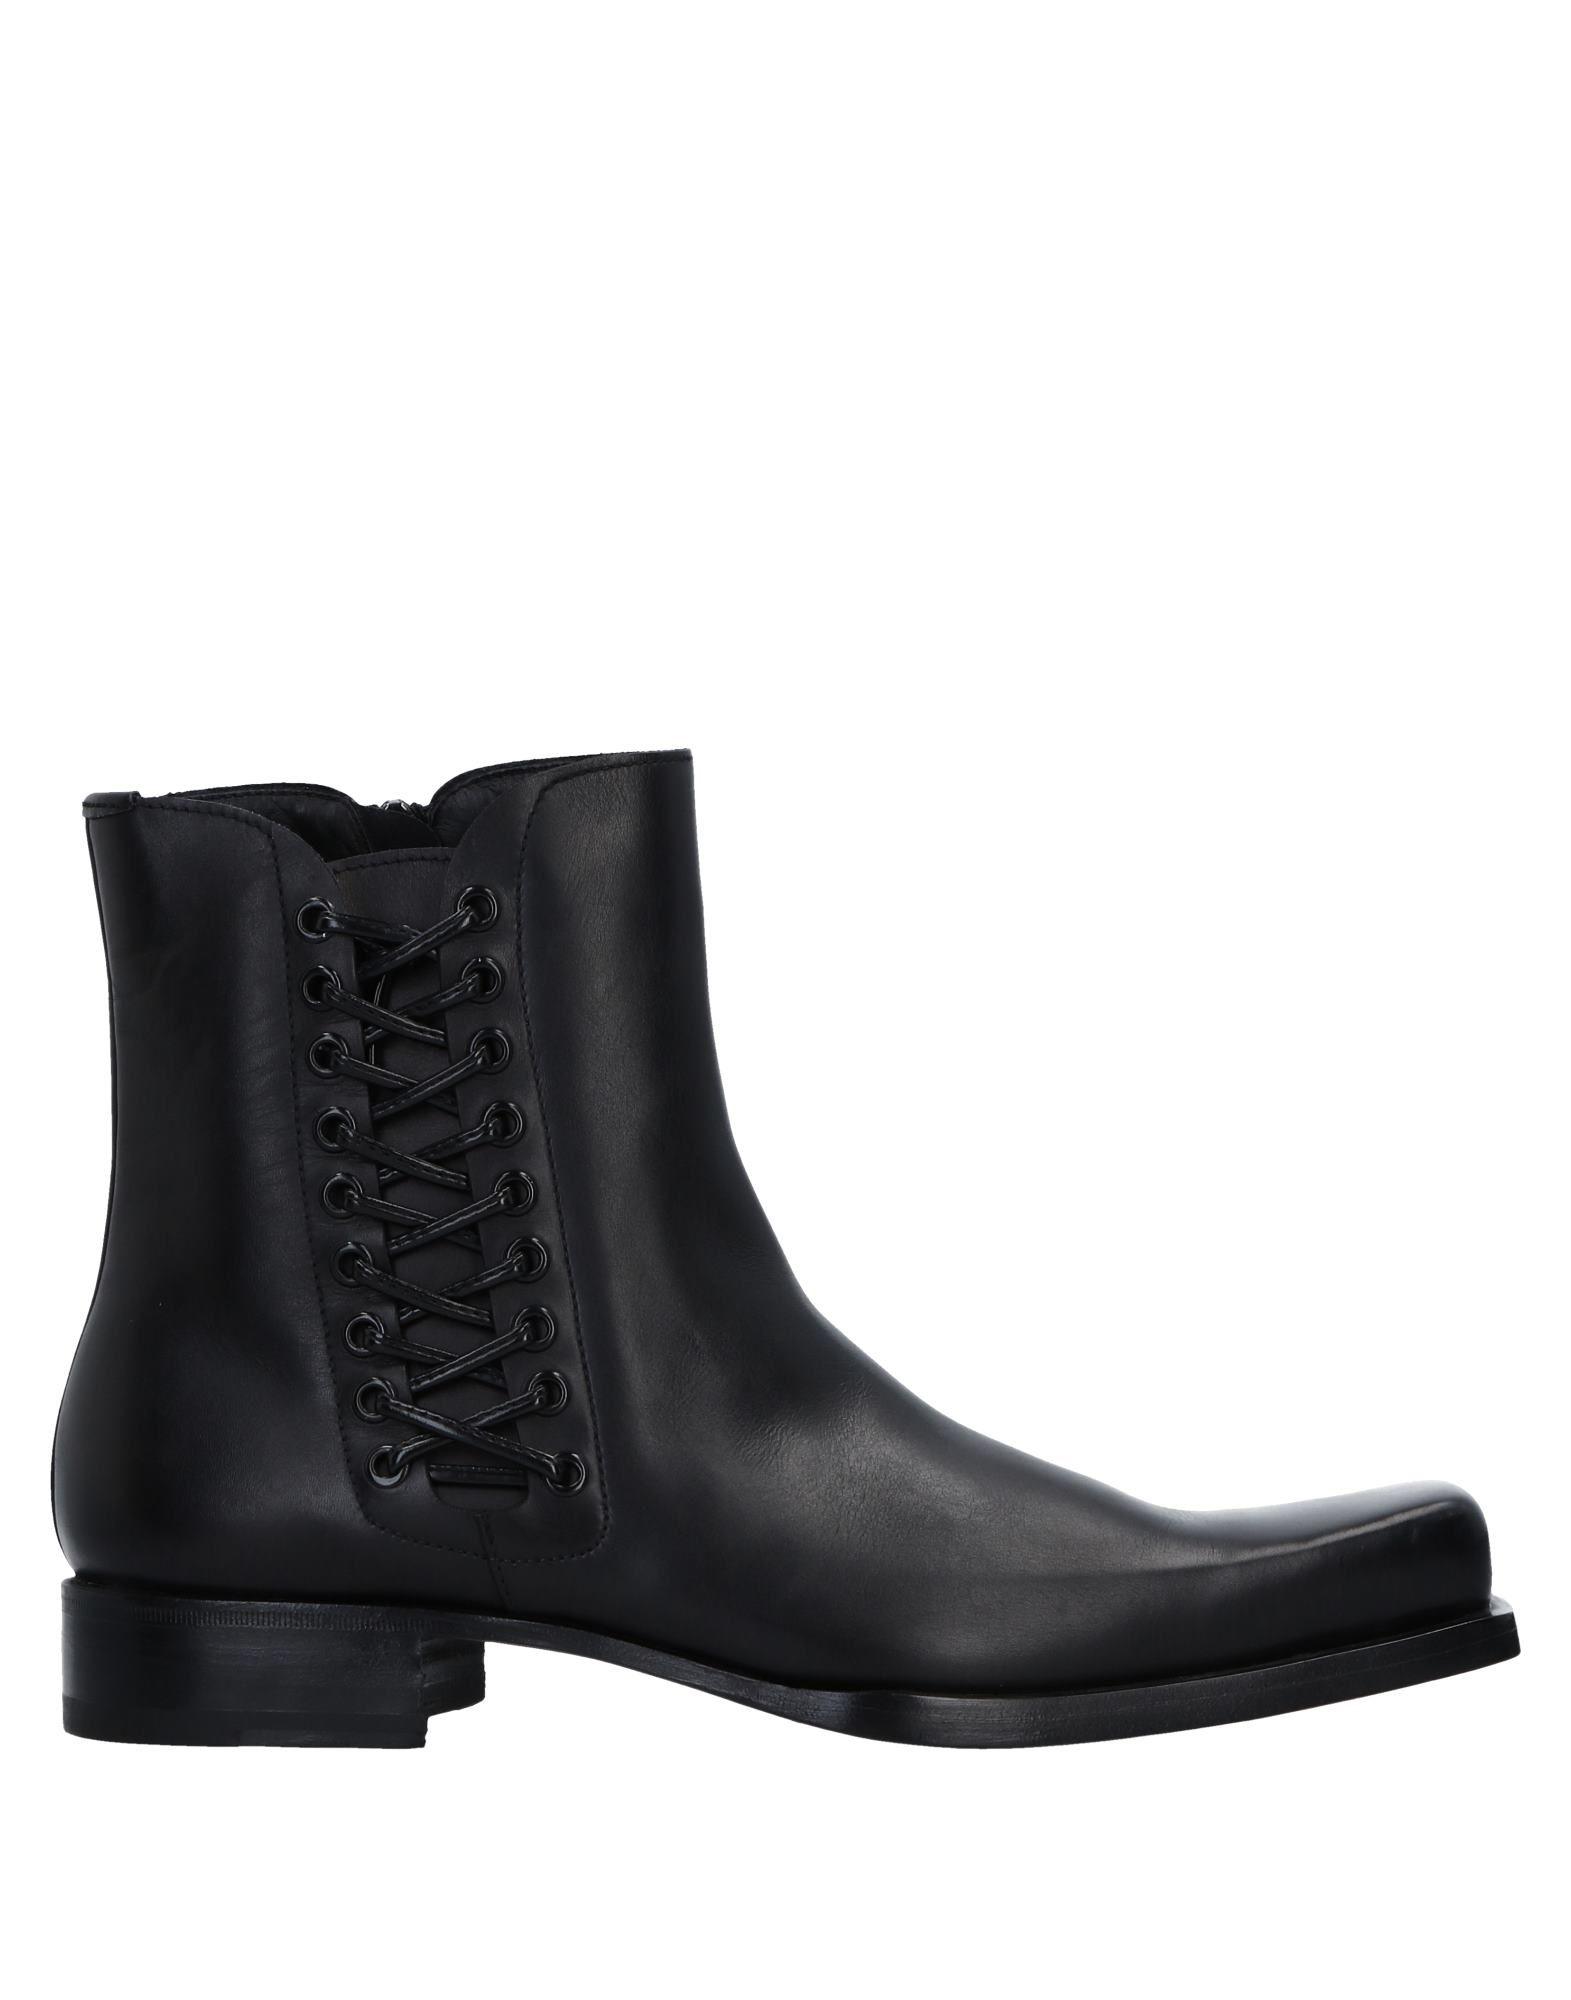 Sergio Rossi Stiefelette Herren  11522738KU Gute Qualität beliebte Schuhe